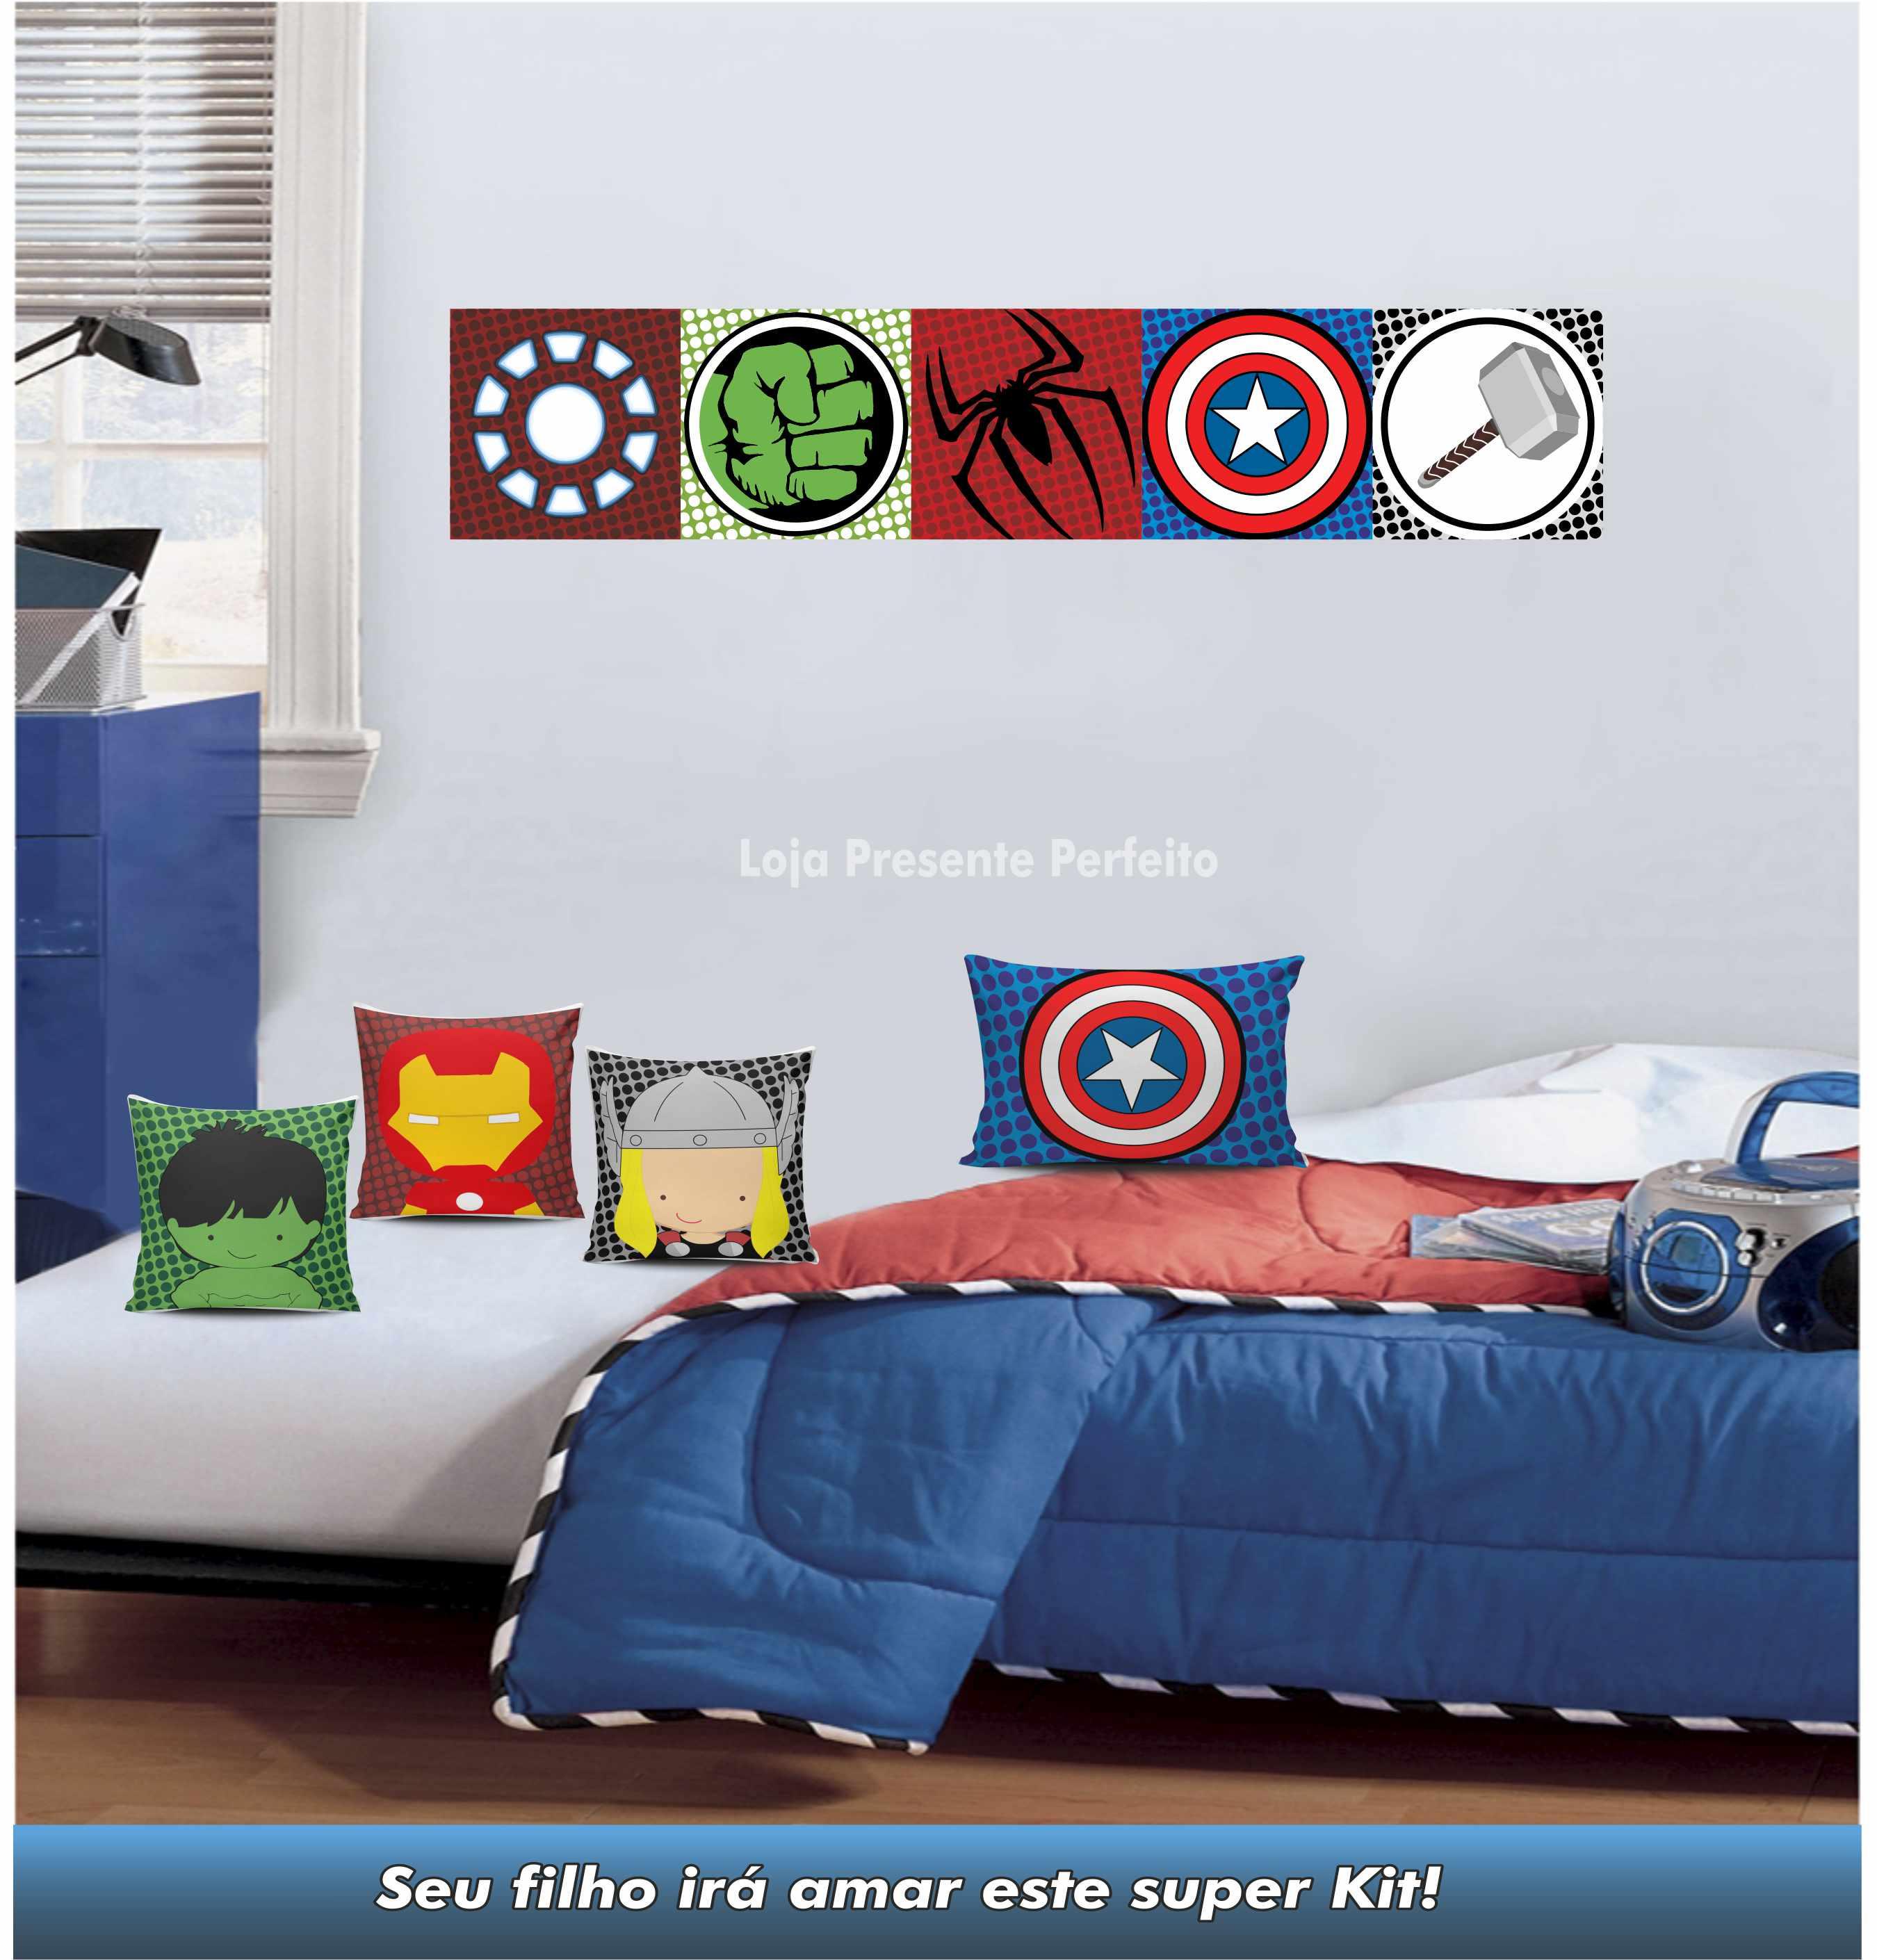 Super Kit Decorativo Quarto Menino Her I Loja Presente Perfeito  ~ Tecidos Para Parede De Quarto E Quarto Bebe Super Herois